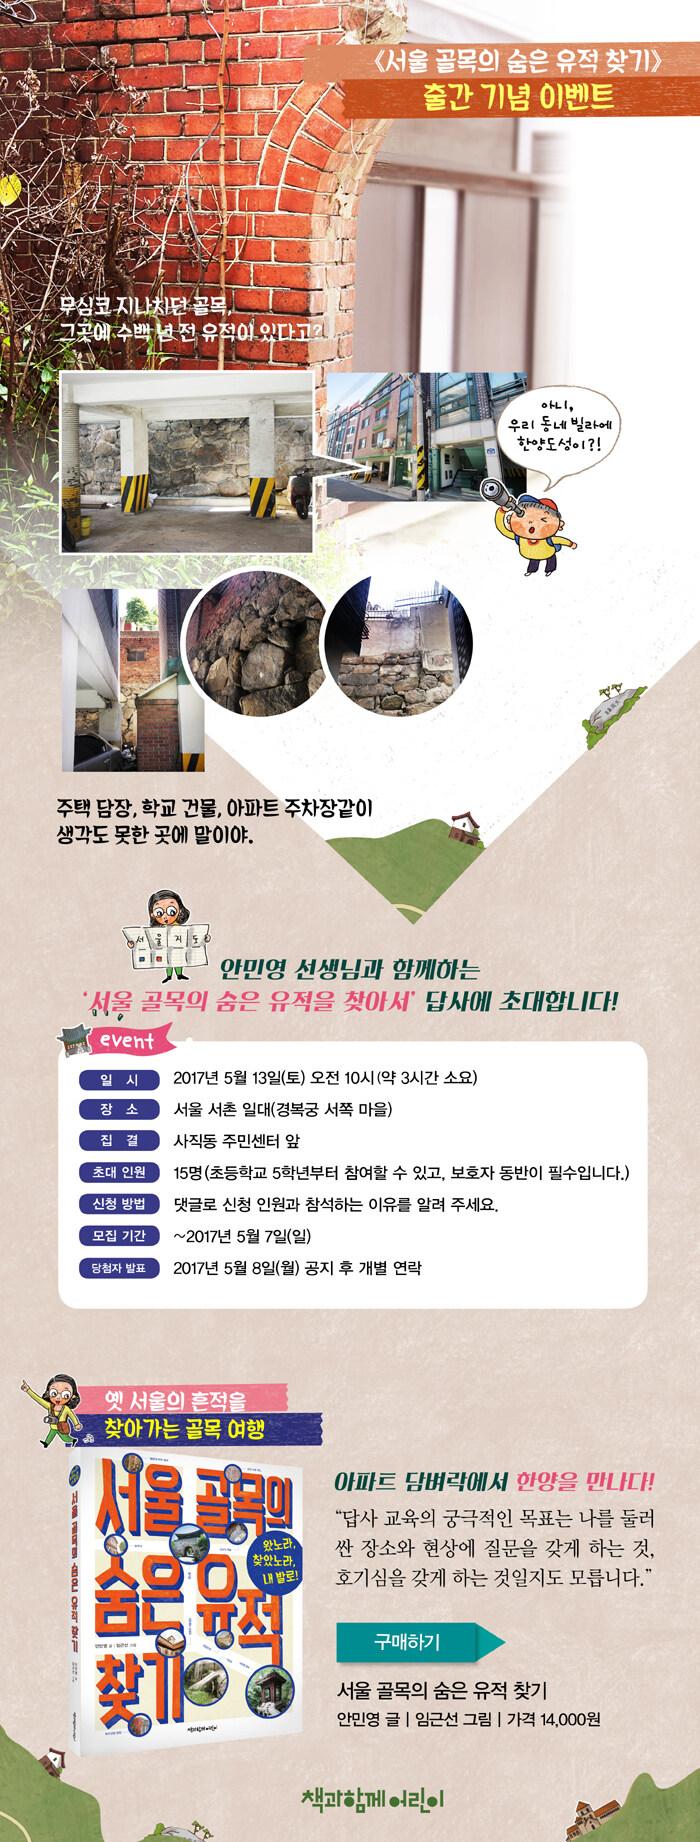 <서울 골목의 숨은 유적 찾기> 출간 기념 저자와 함께하는 답사